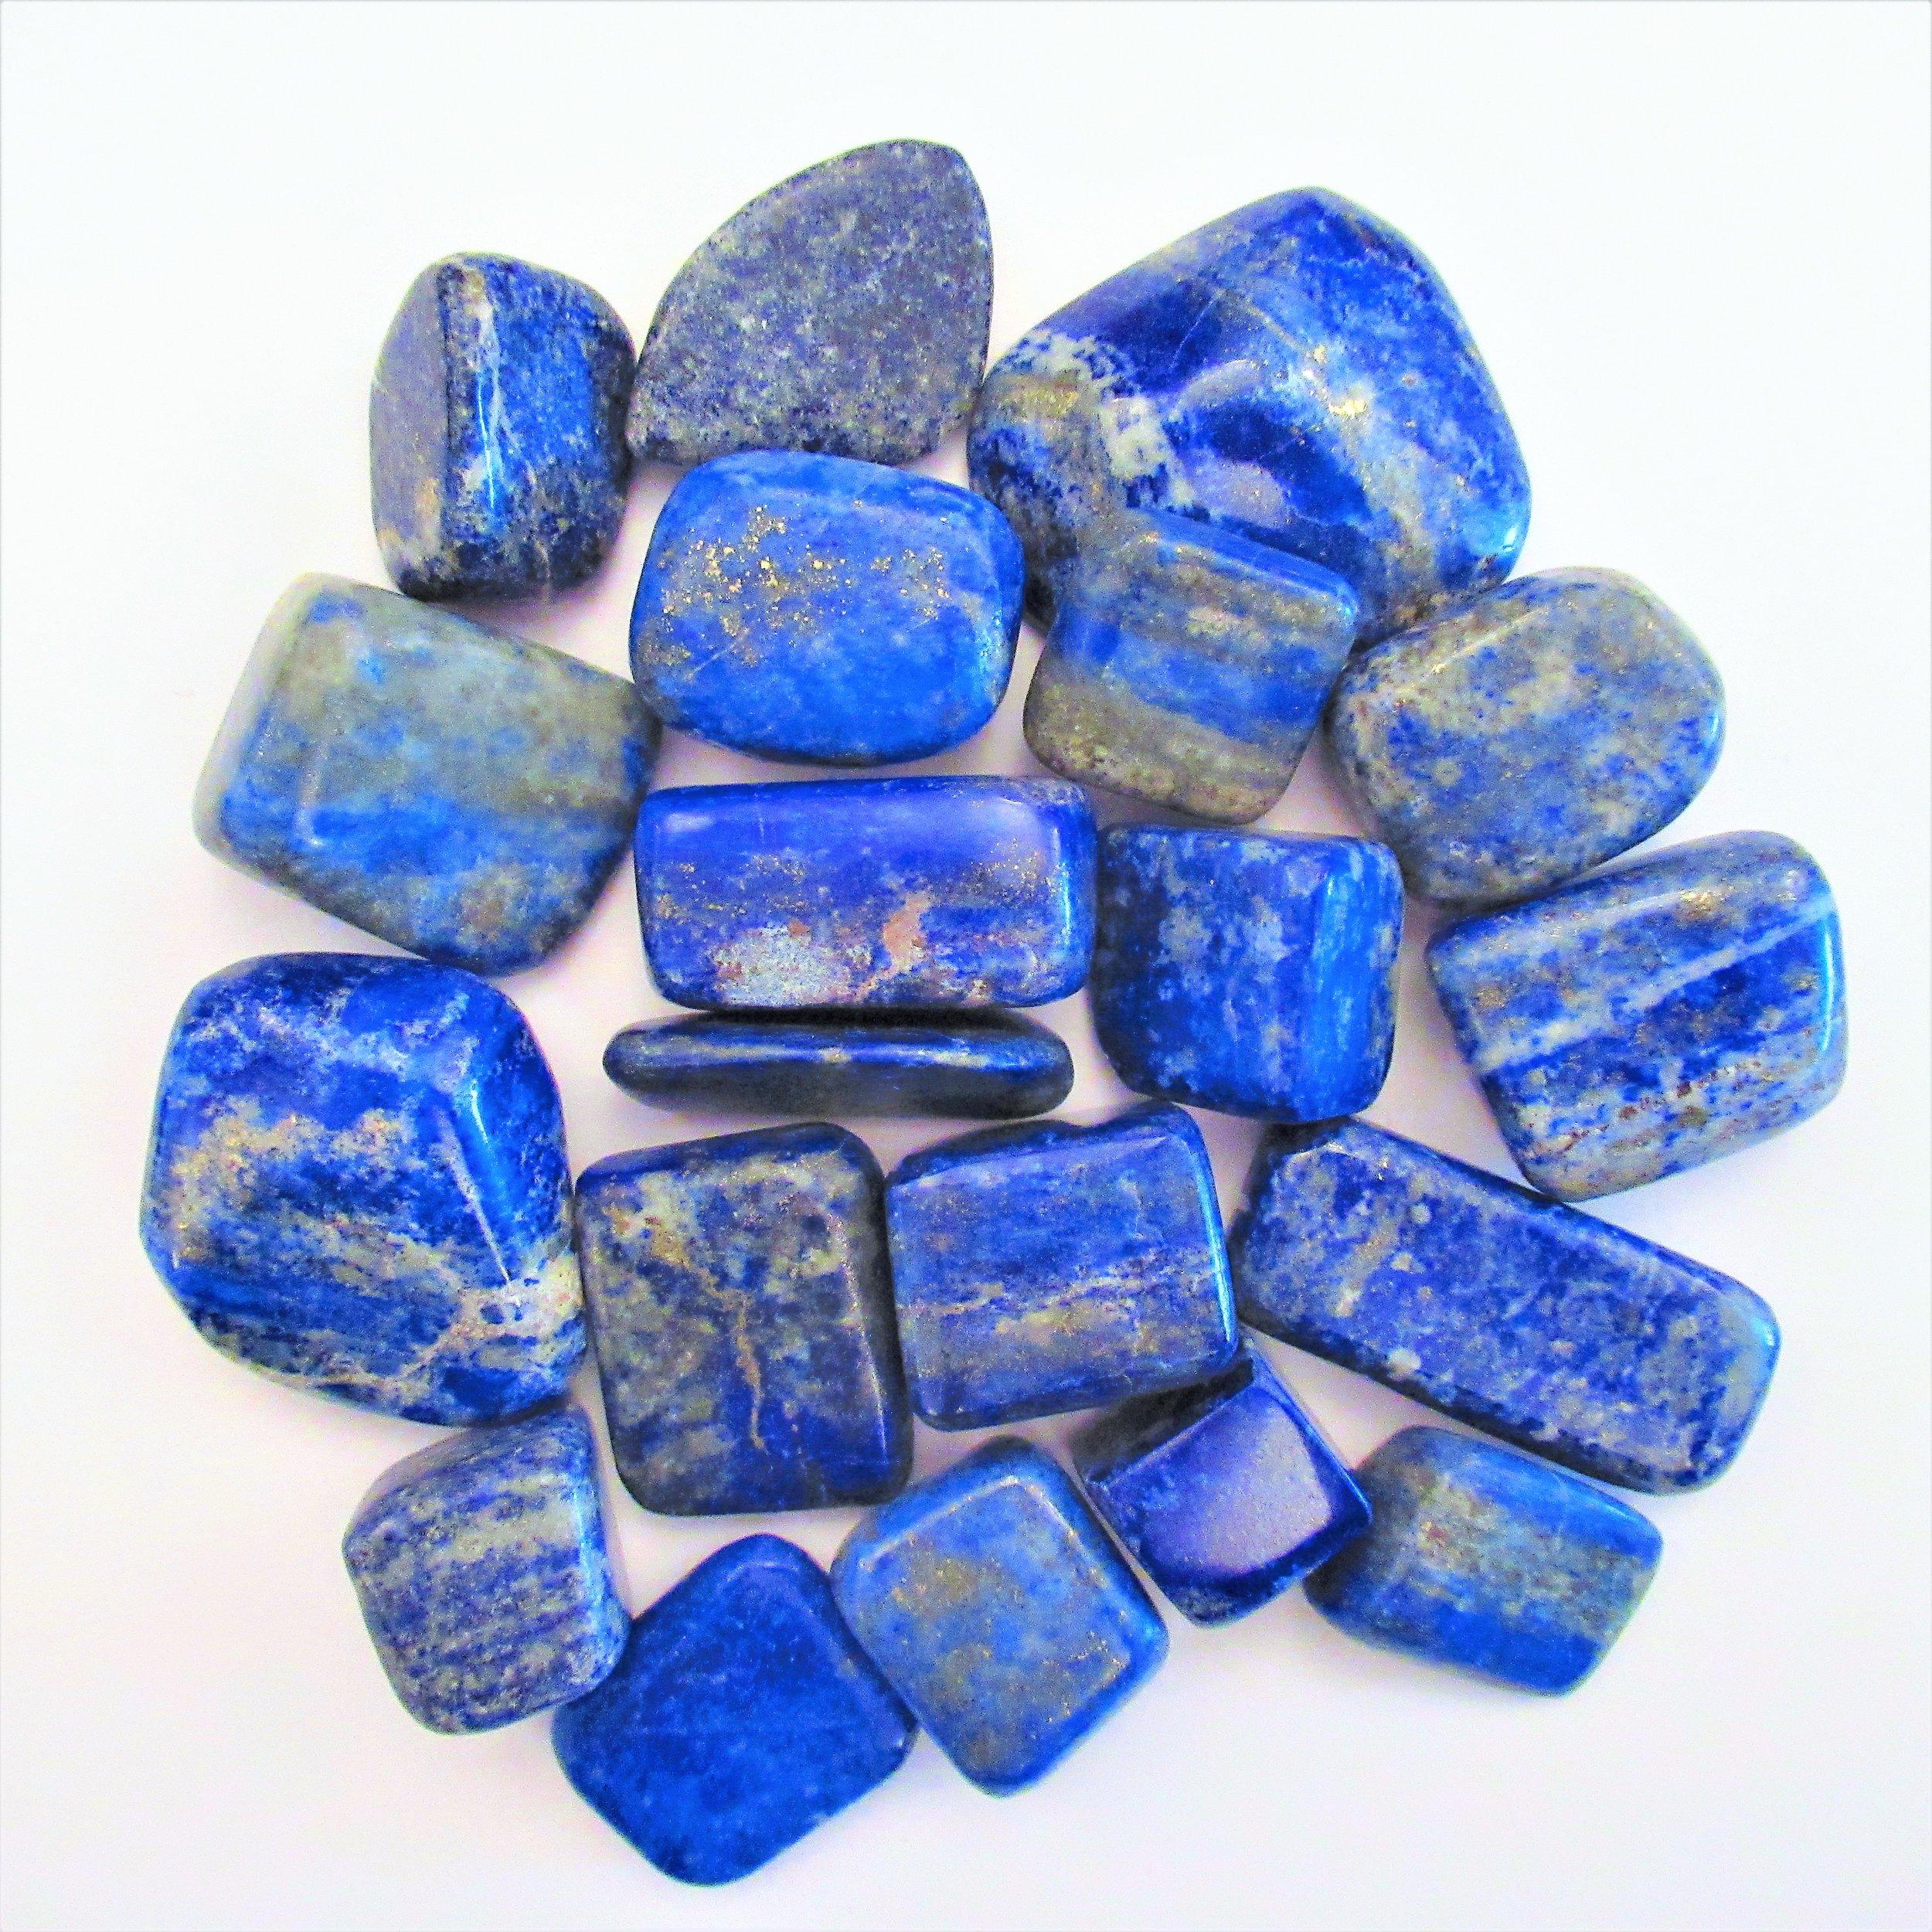 Crystal Gemstones - Over 100 Varieties